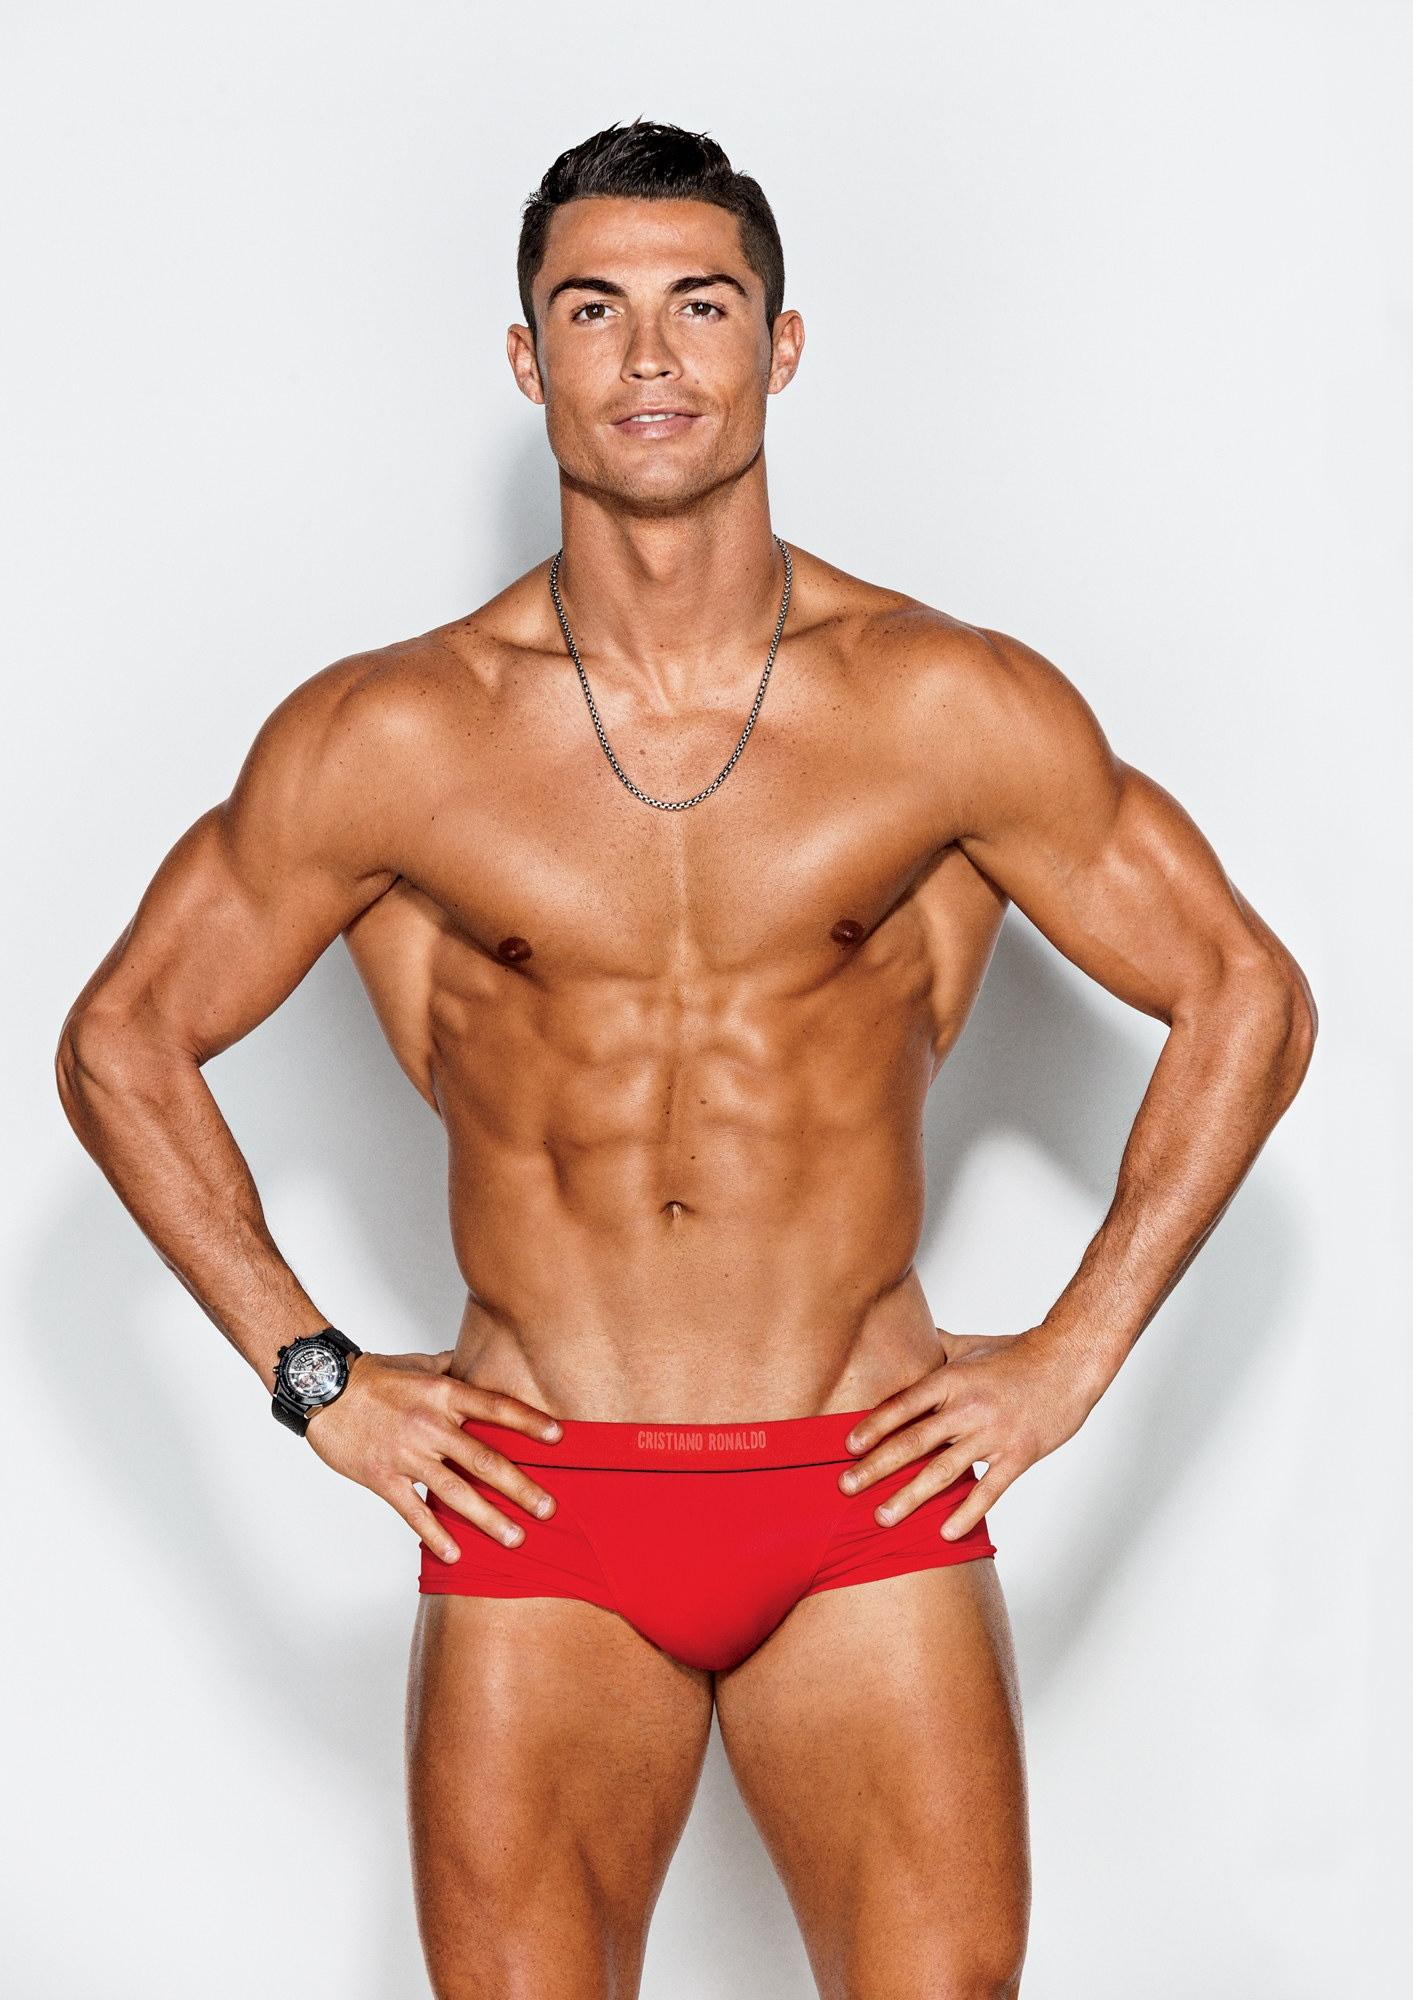 【サッカー】クリスティアーノ・ロナウド、驚きの健康体力増進法 常識を超えた睡眠と食事